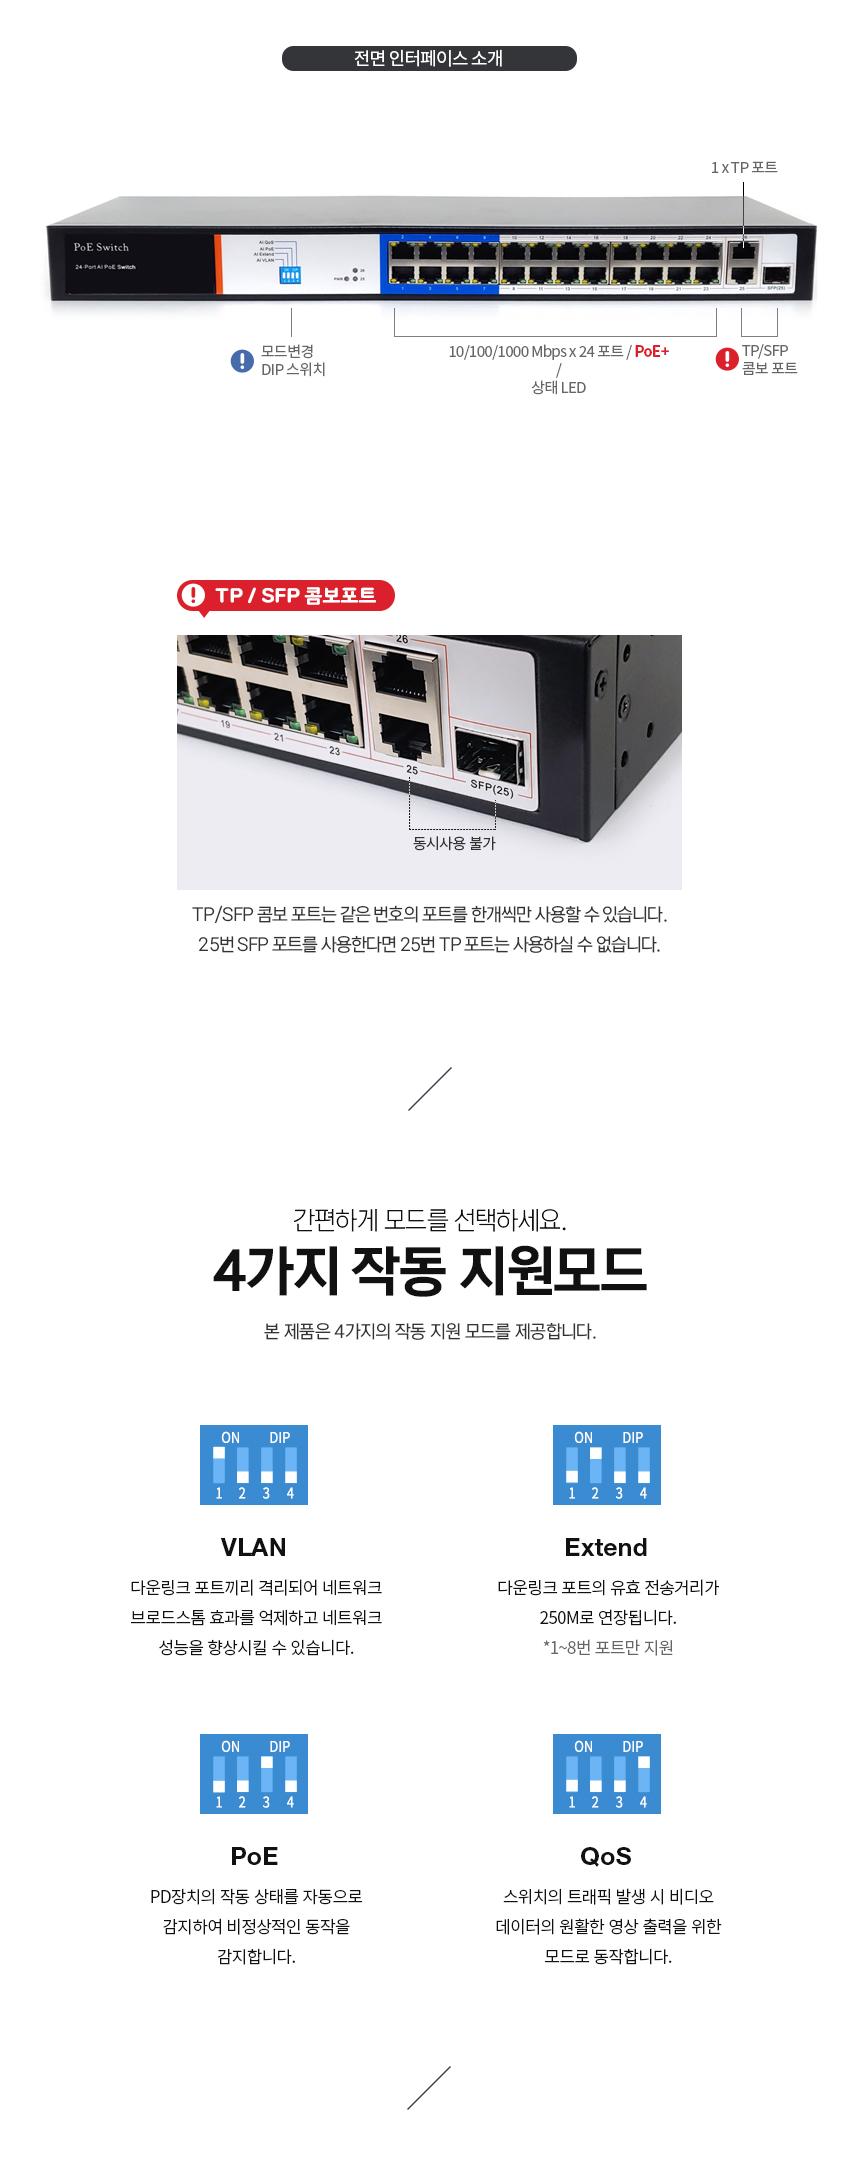 이지넷유비쿼터스 넥스트 NEXT-POE428SFP-GTP 스위치허브